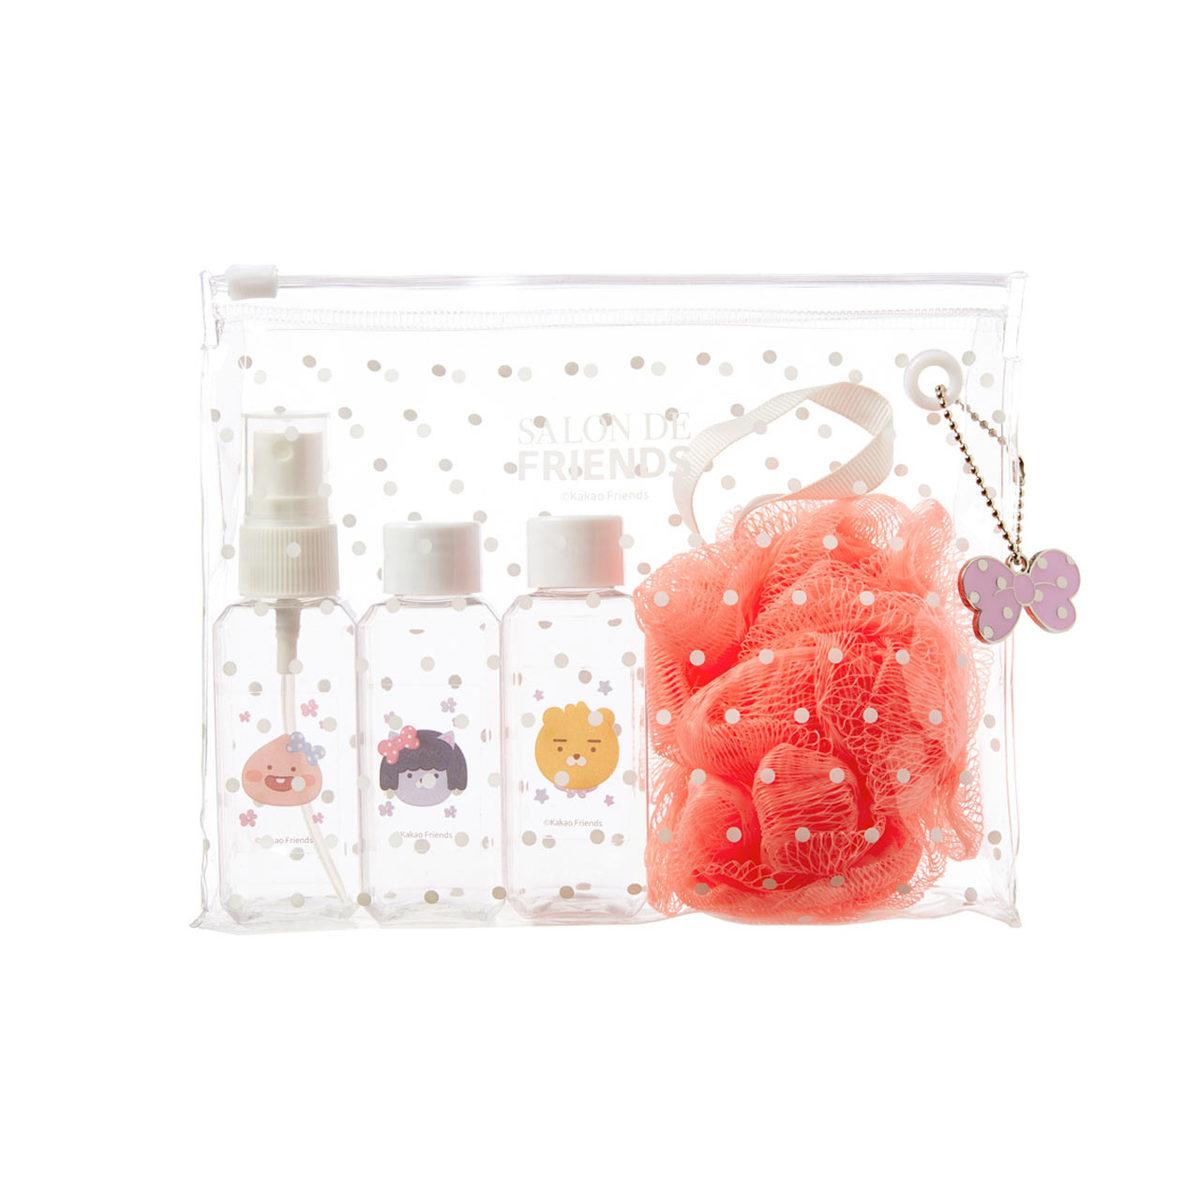 Salon de沐浴袋(空瓶*3+洗澡球)